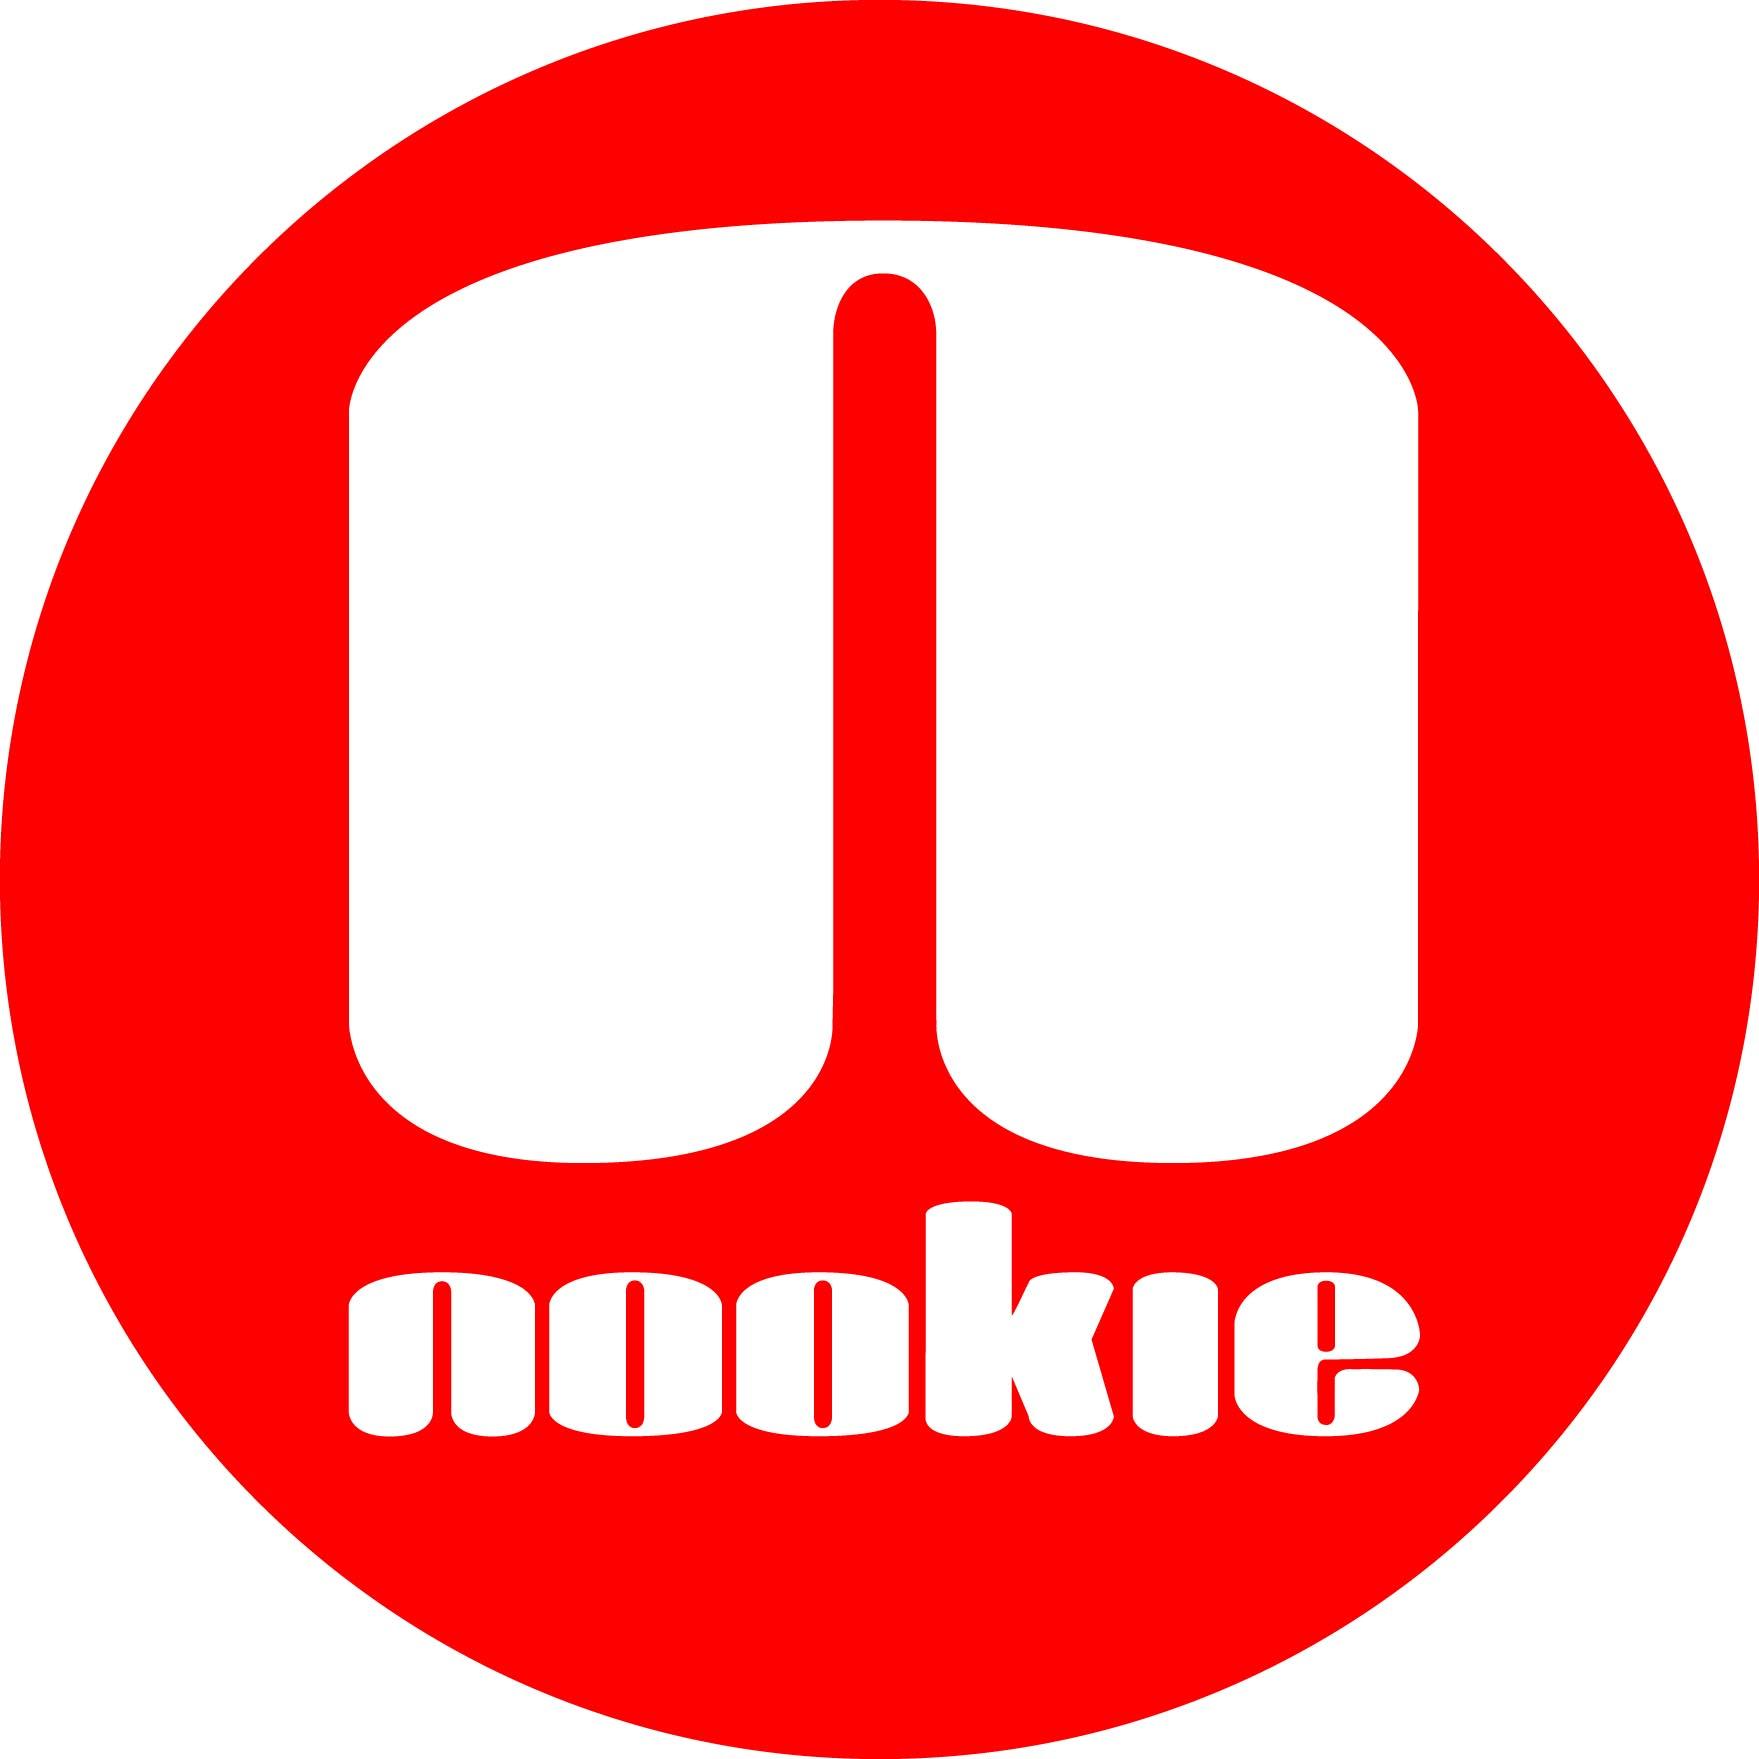 Nookie Logo Sticker Red Circle